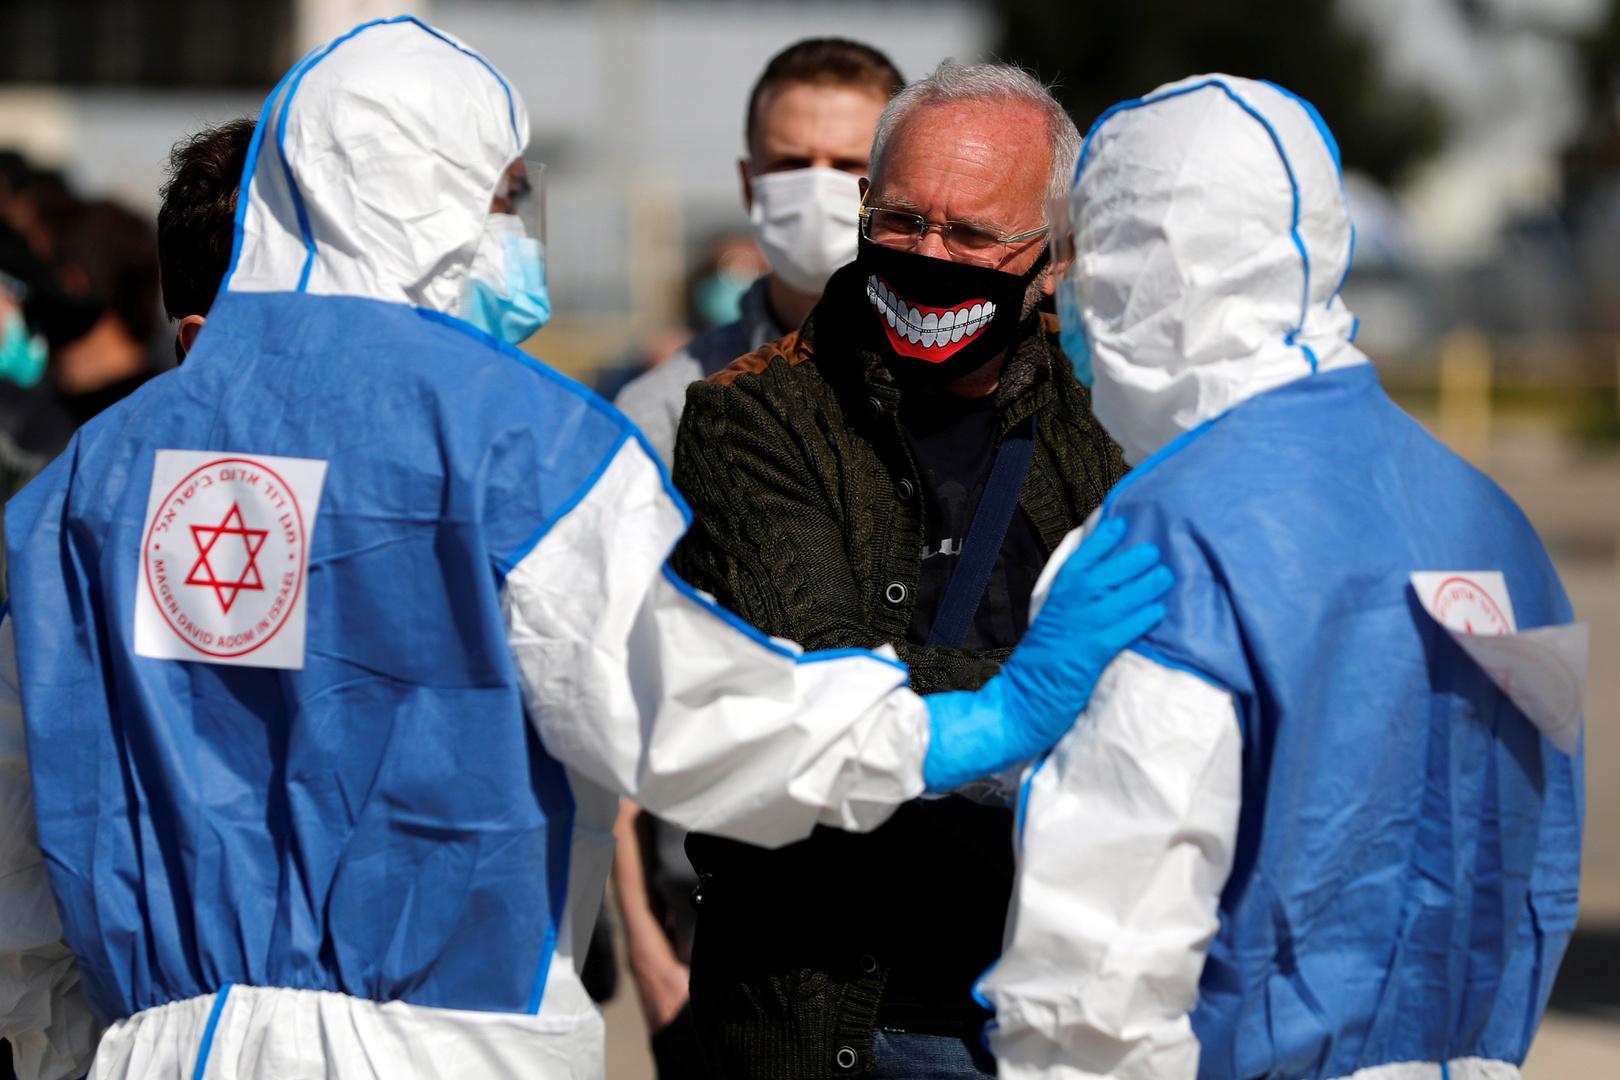 لأول مرة منذ أبريل.. إسرائيل تسجل أكثر من 300 إصابة بكورونا خلال 24 ساعة